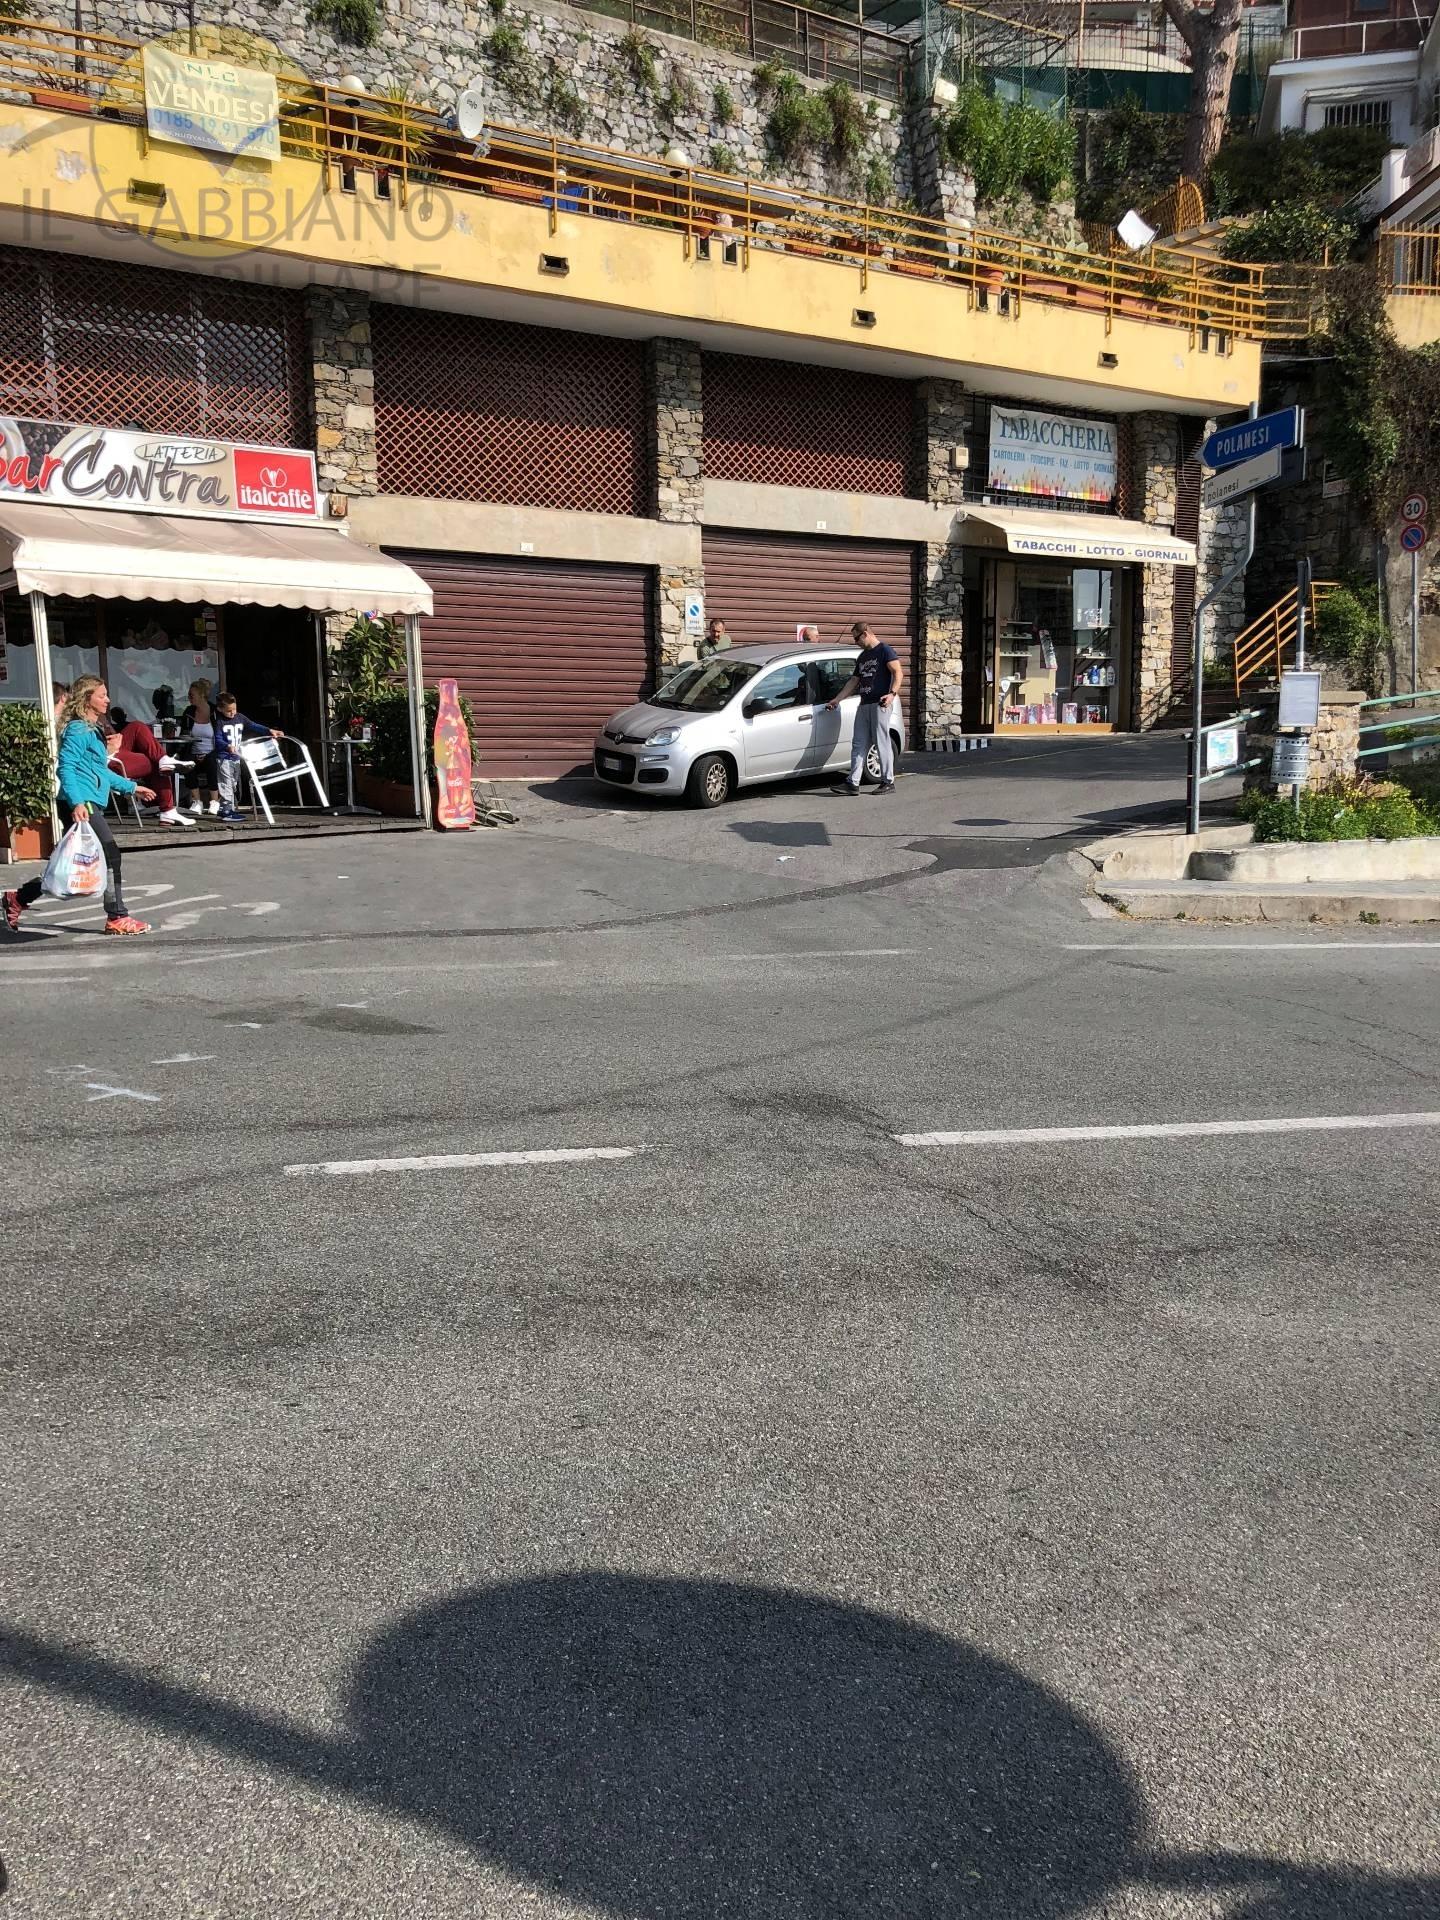 Negozio / Locale in vendita a Sori, 9999 locali, zona Località: contra, prezzo € 130.000 | CambioCasa.it